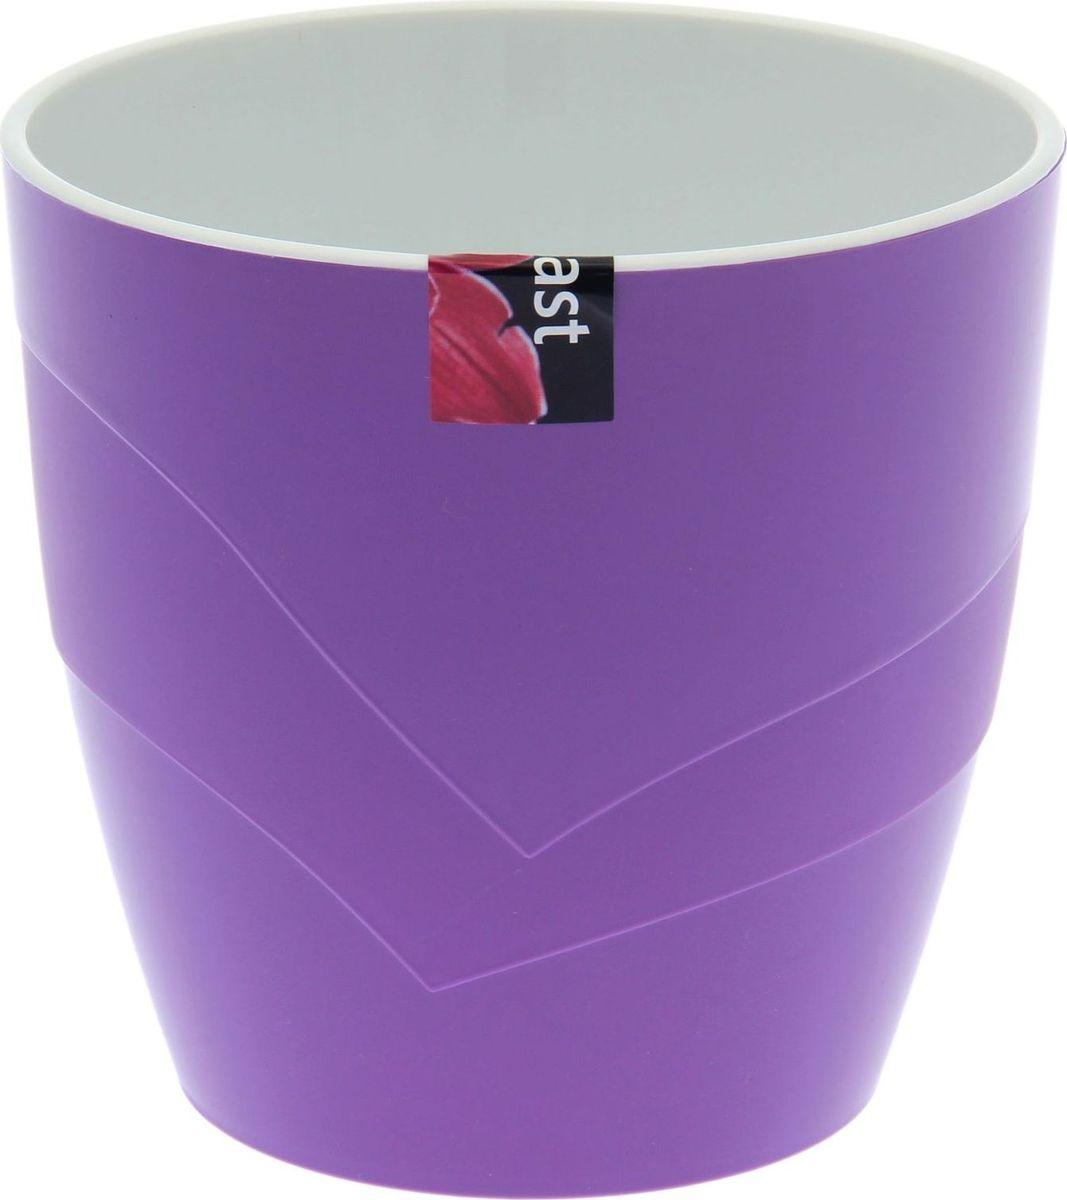 Кашпо JetPlast Грация, цвет: фиолетовый, 2 л1694313Кашпо JetPlast Грация классической формы с элегантной матовой волной по центру и внутренней вставкой-горшком. Дренажная вставка позволяет легко поливать растения без использования дополнительного поддона. Объем: 2 л.